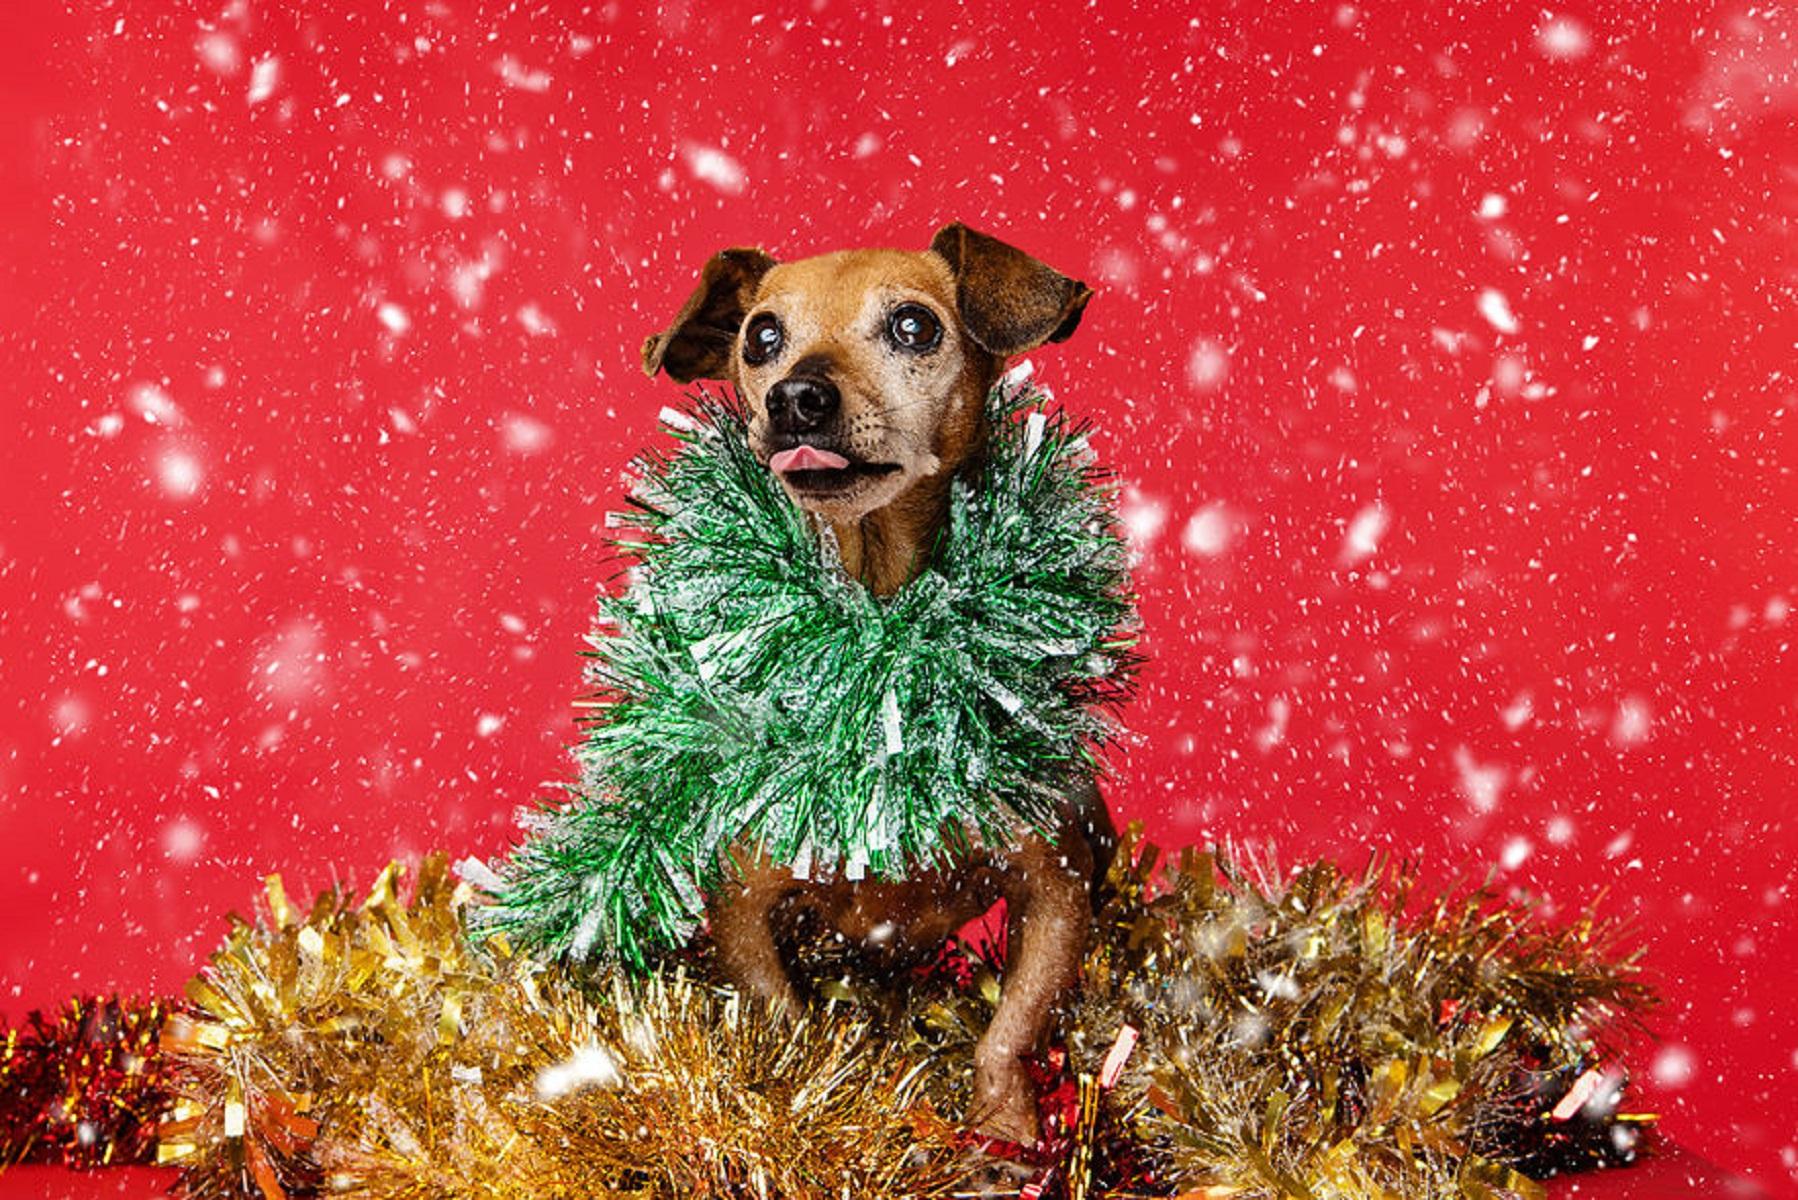 12 caes do Natal essa sessao de fotos natalinas vai te ajudar a entrar no espirito natalino 10